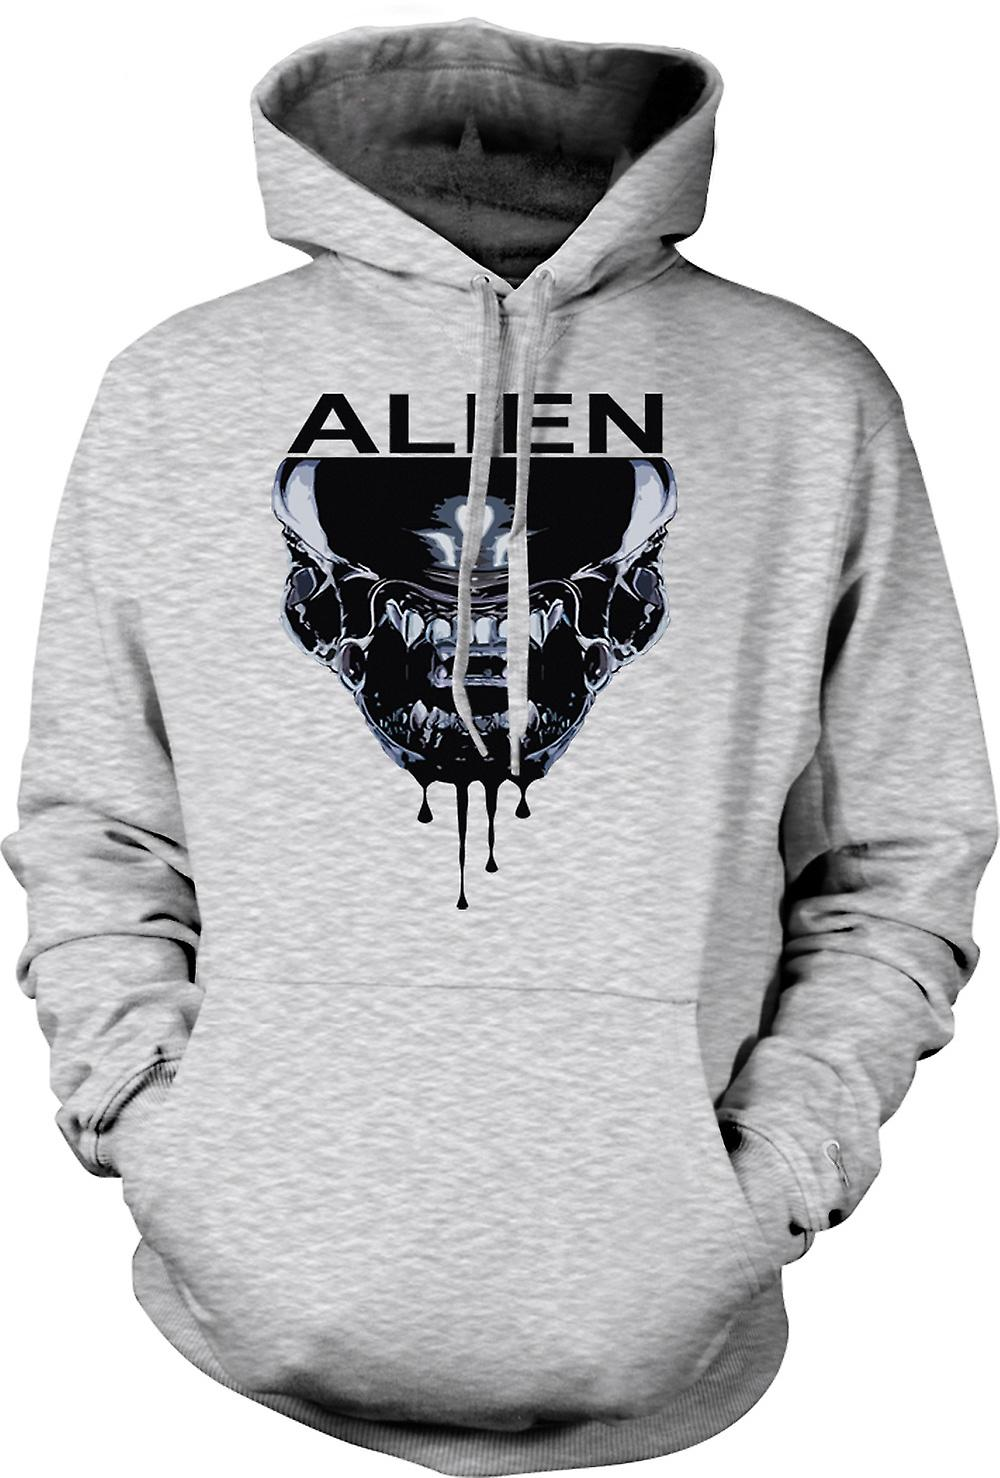 Mens Hoodie - Alien Face - Sci Fi - Pop Art